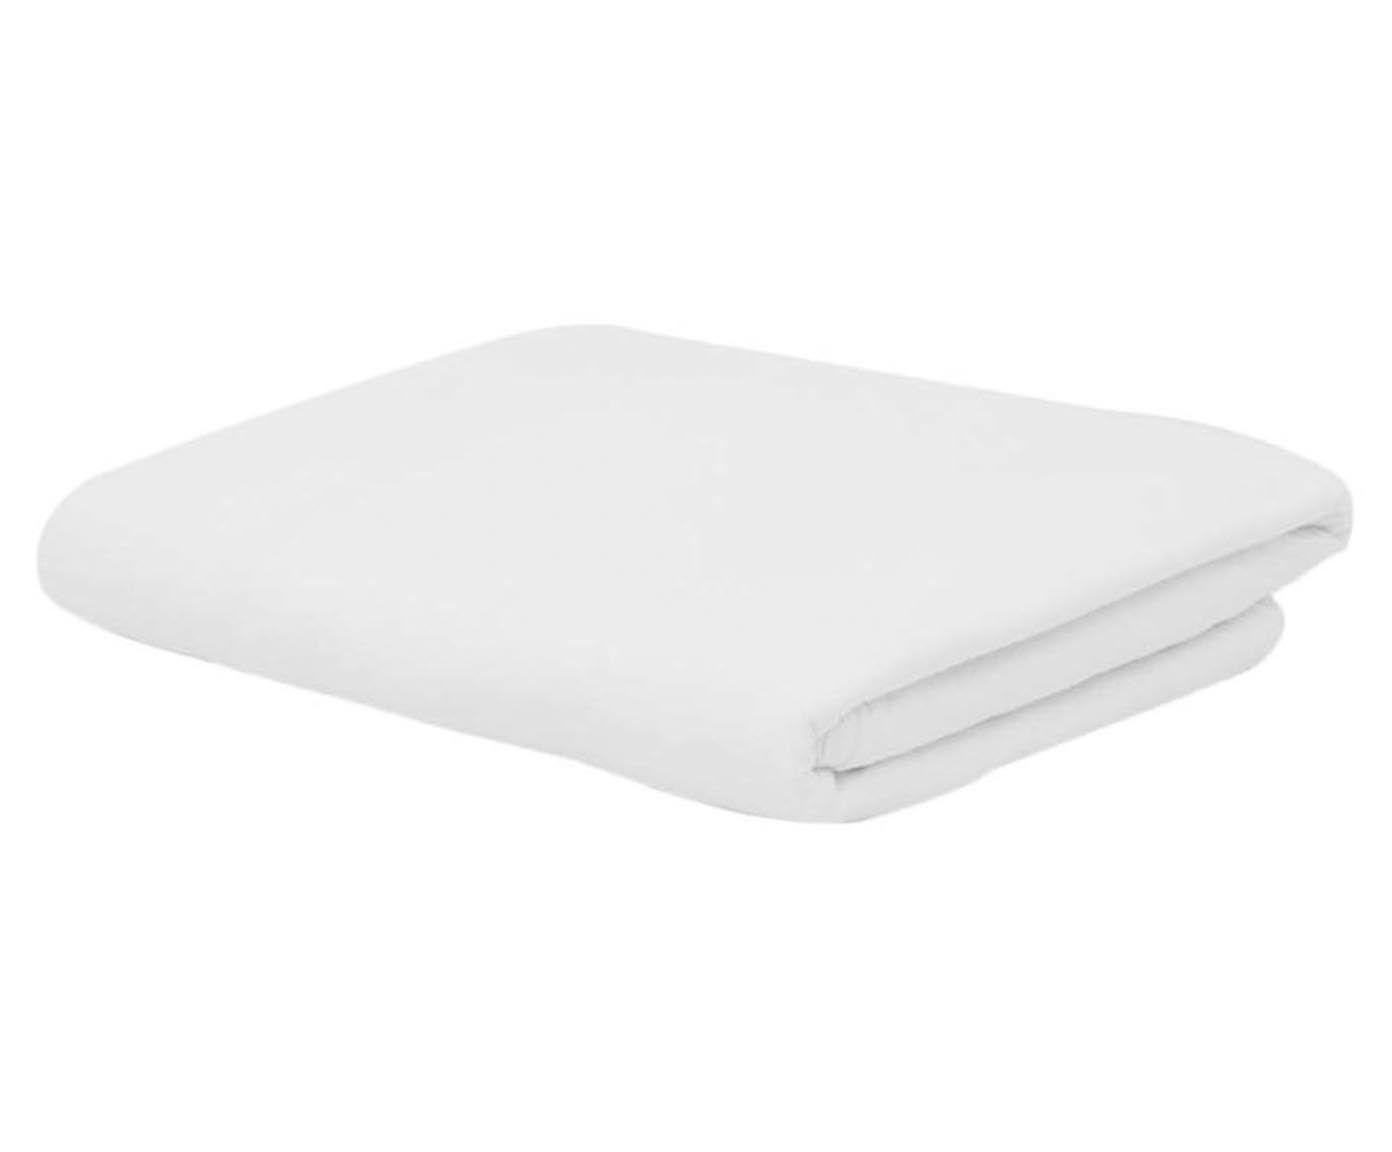 Lençol cosmos union - cama de casal   Westwing.com.br